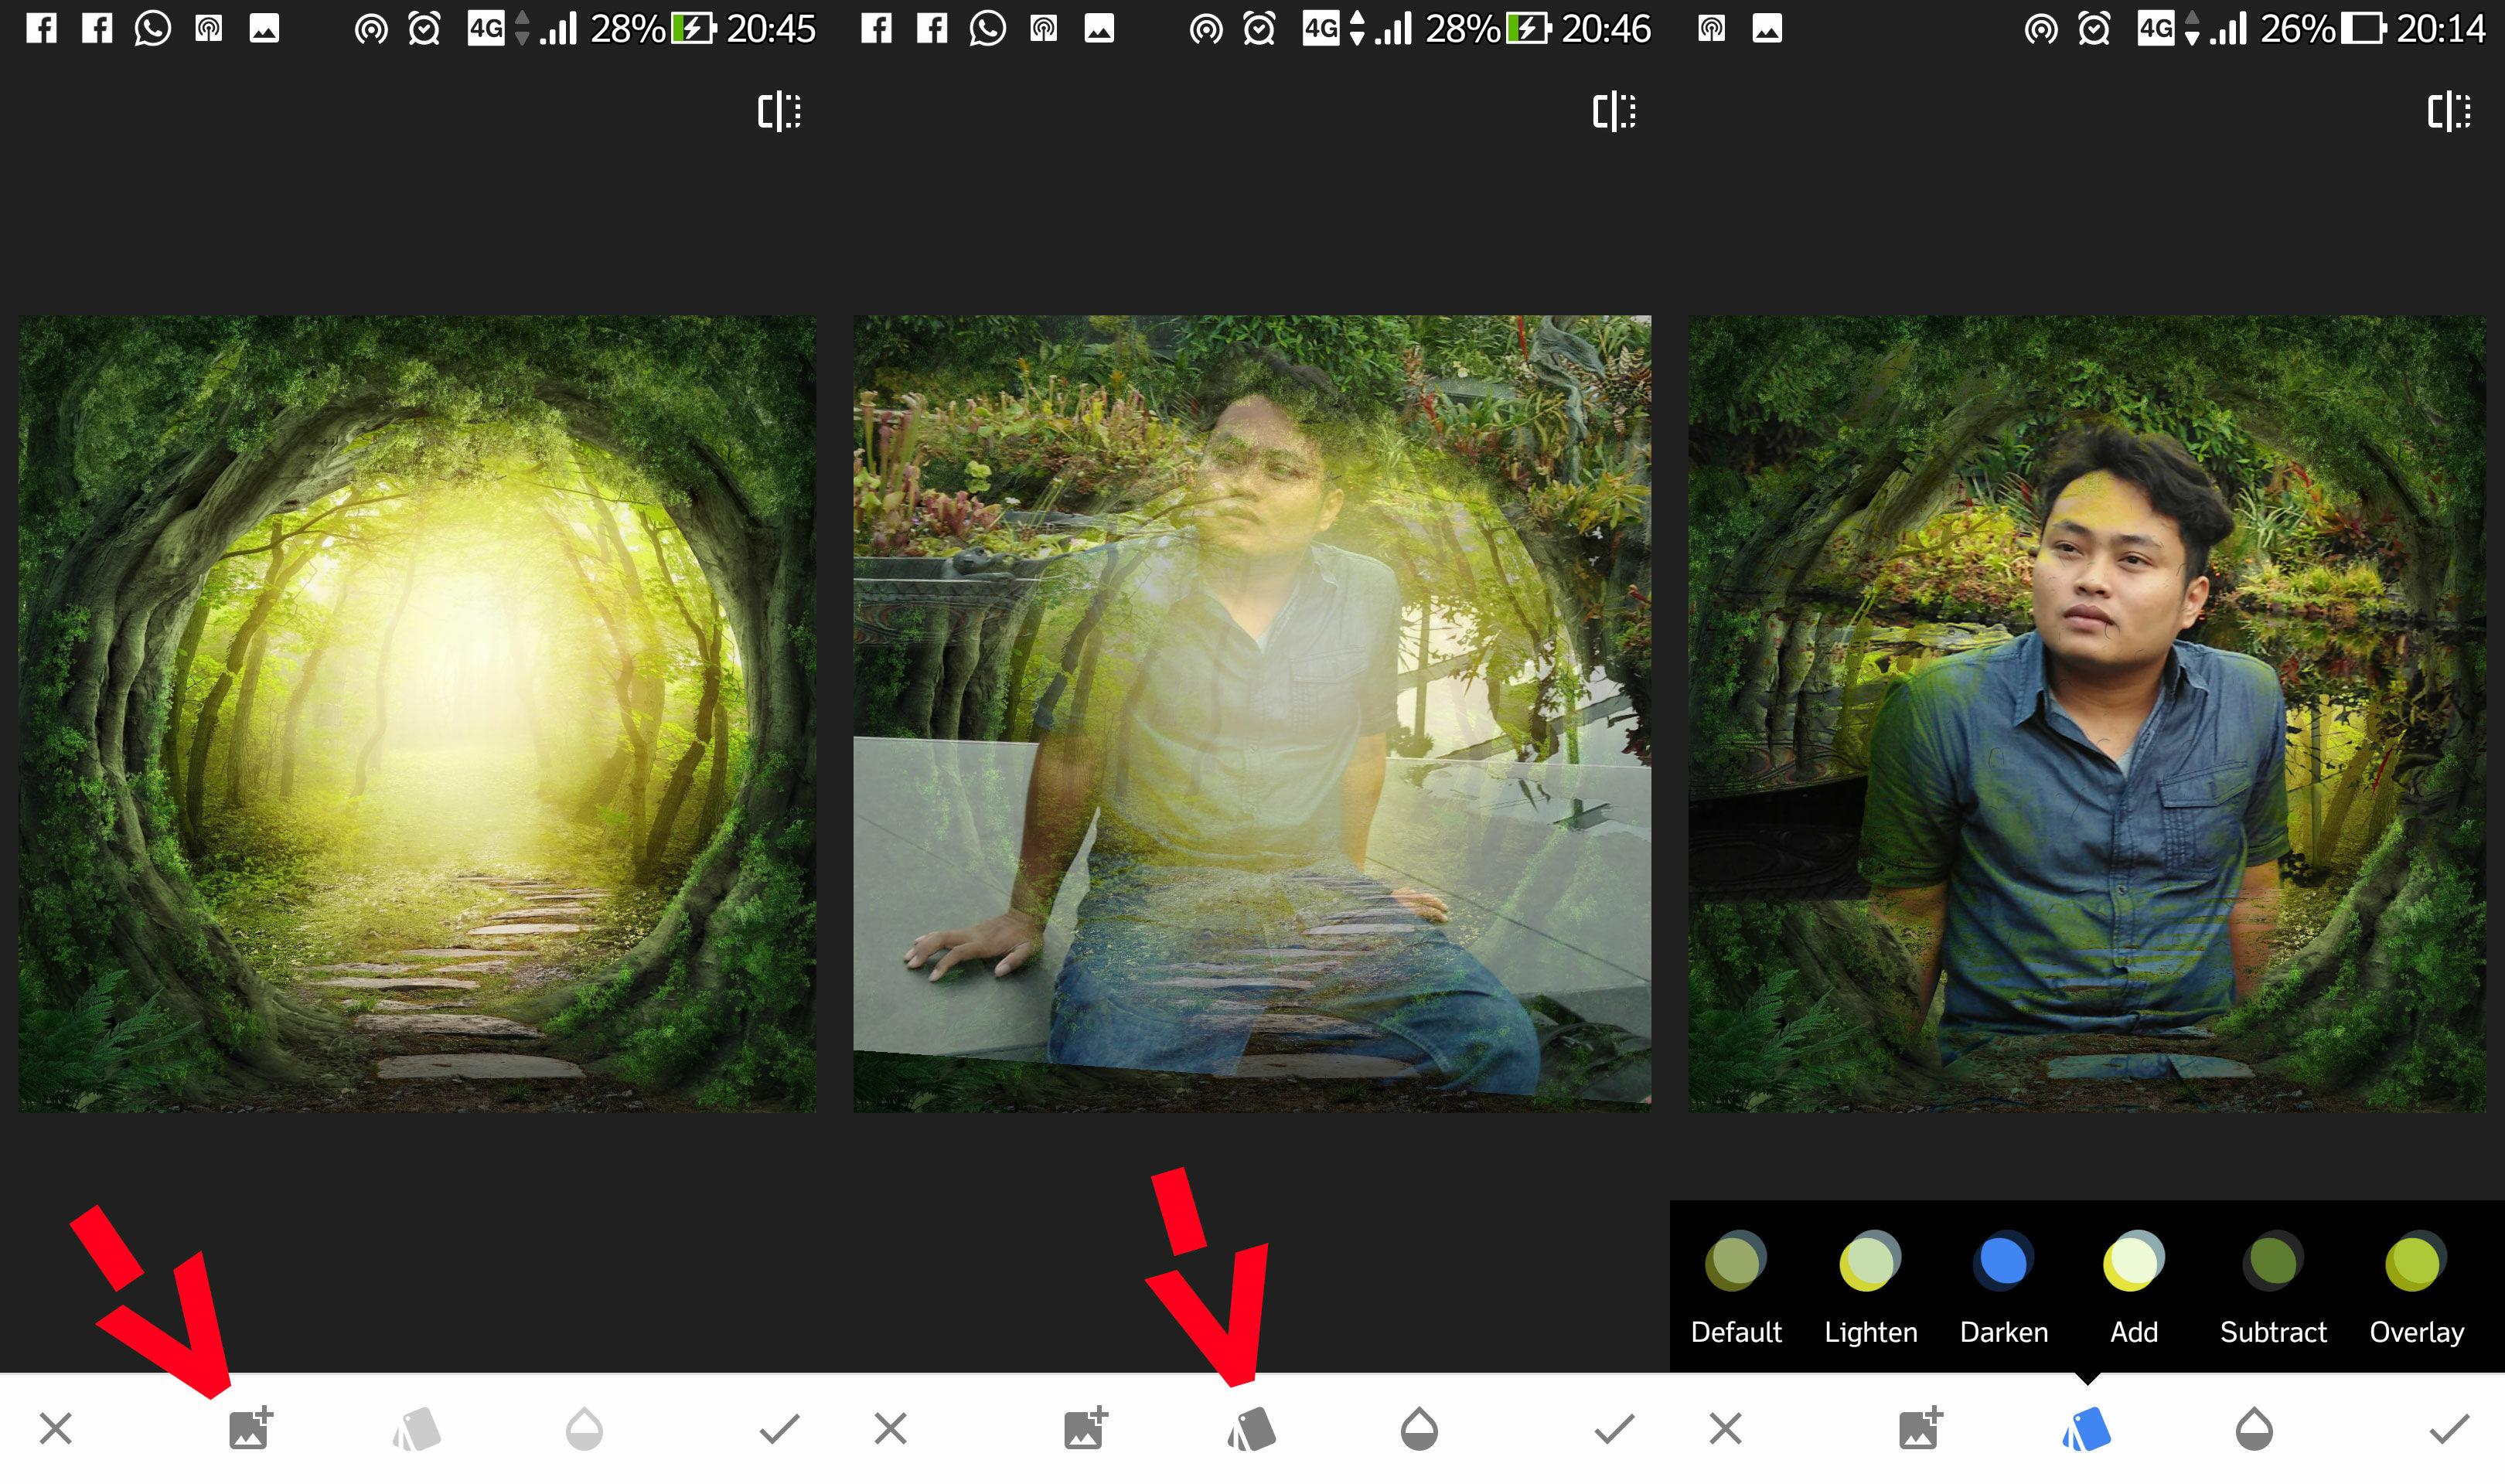 Cara Edit Foto Double Exposure Dengan Snapseed 2